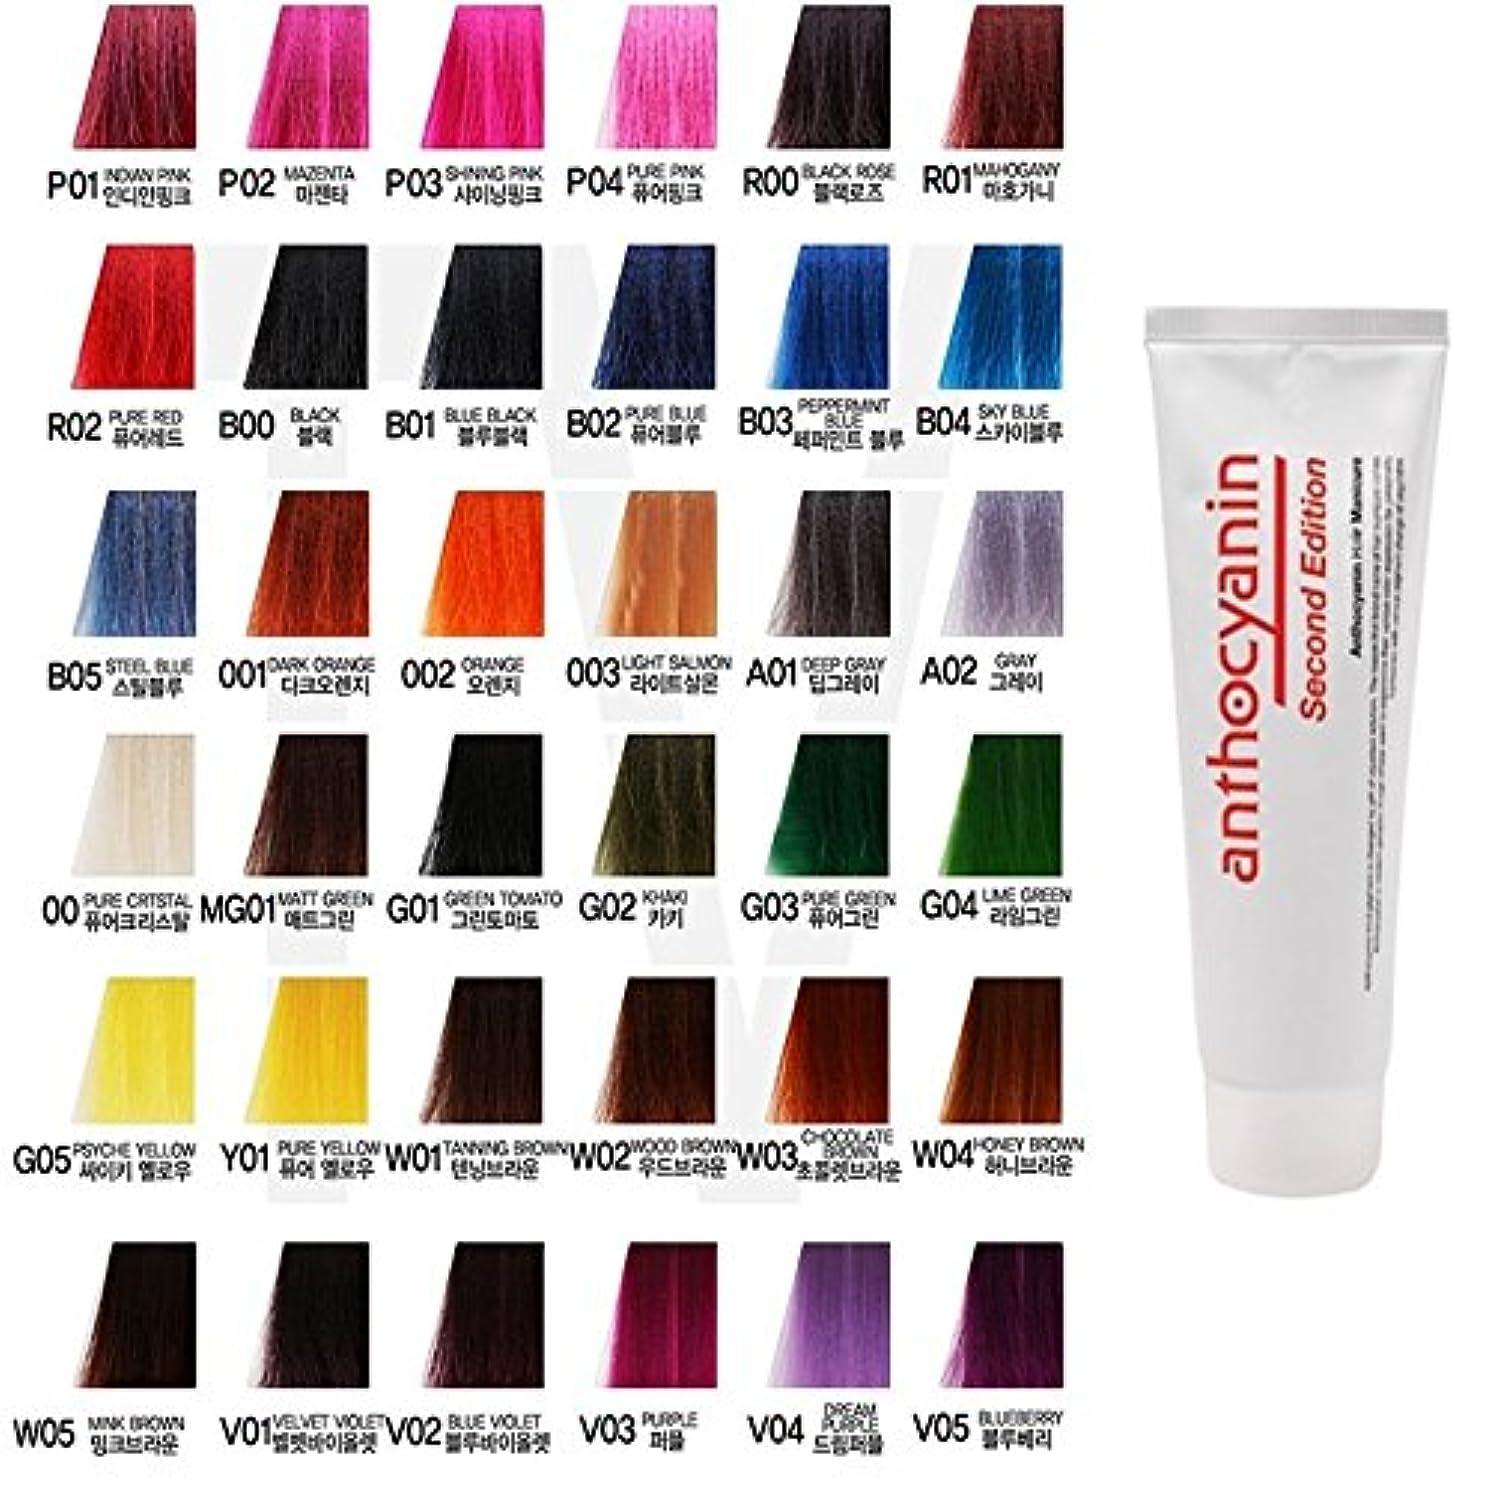 違反民族主義ピルファーヘア マニキュア カラー セカンド エディション 230g セミ パーマネント 染毛剤 ( Hair Manicure Color Second Edition 230g Semi Permanent Hair Dye) [並行輸入品] (A01 Deep Gray)